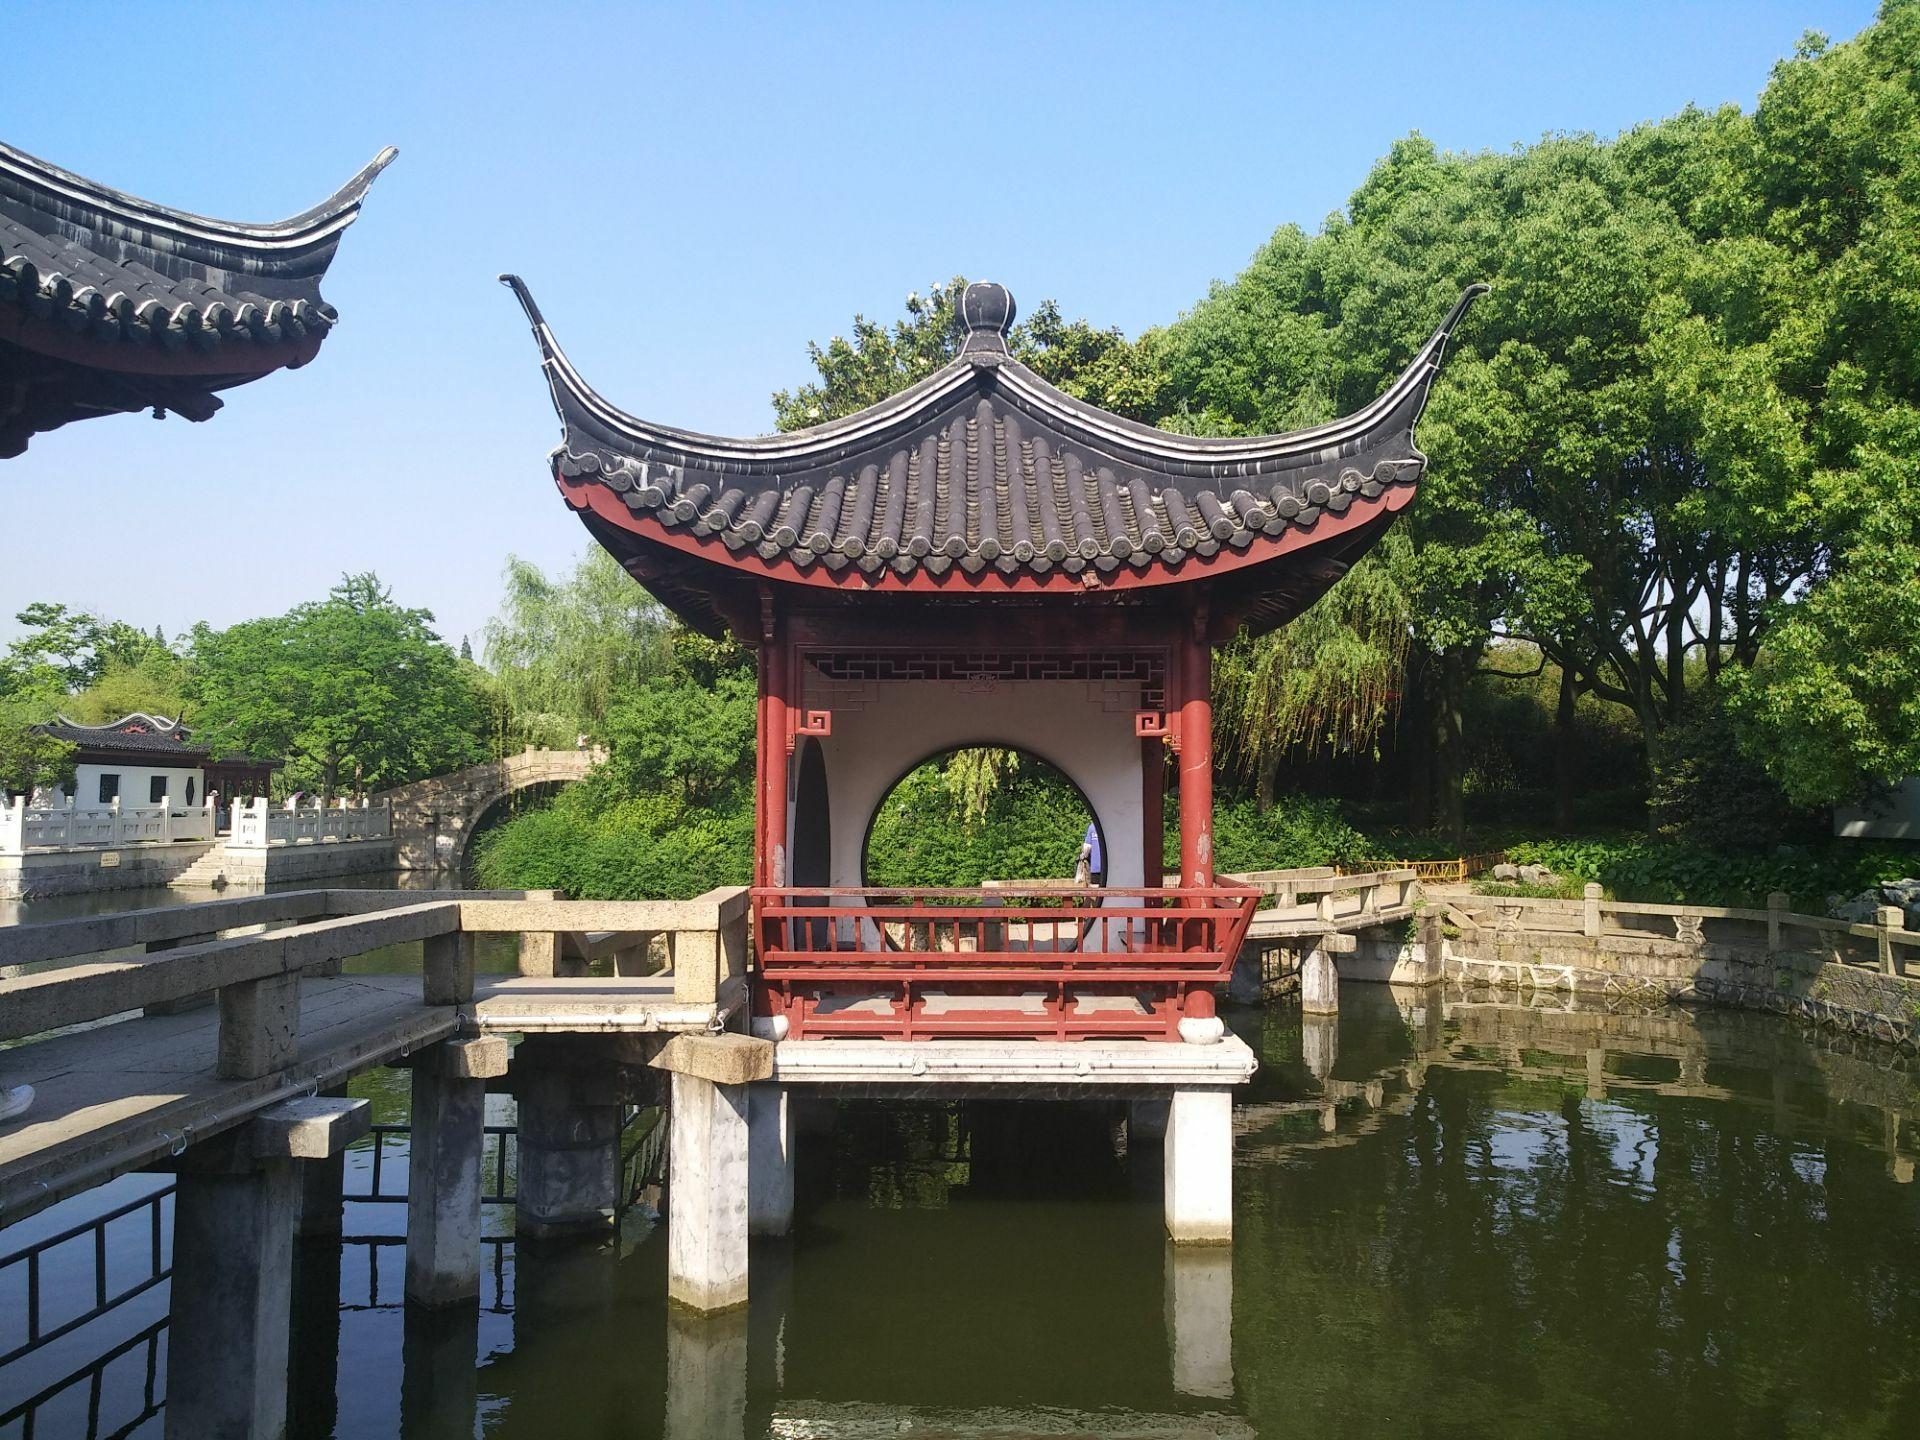 上海华岛_上海古华公园攻略,上海古华公园门票/游玩攻略/地址/图片/门票 ...